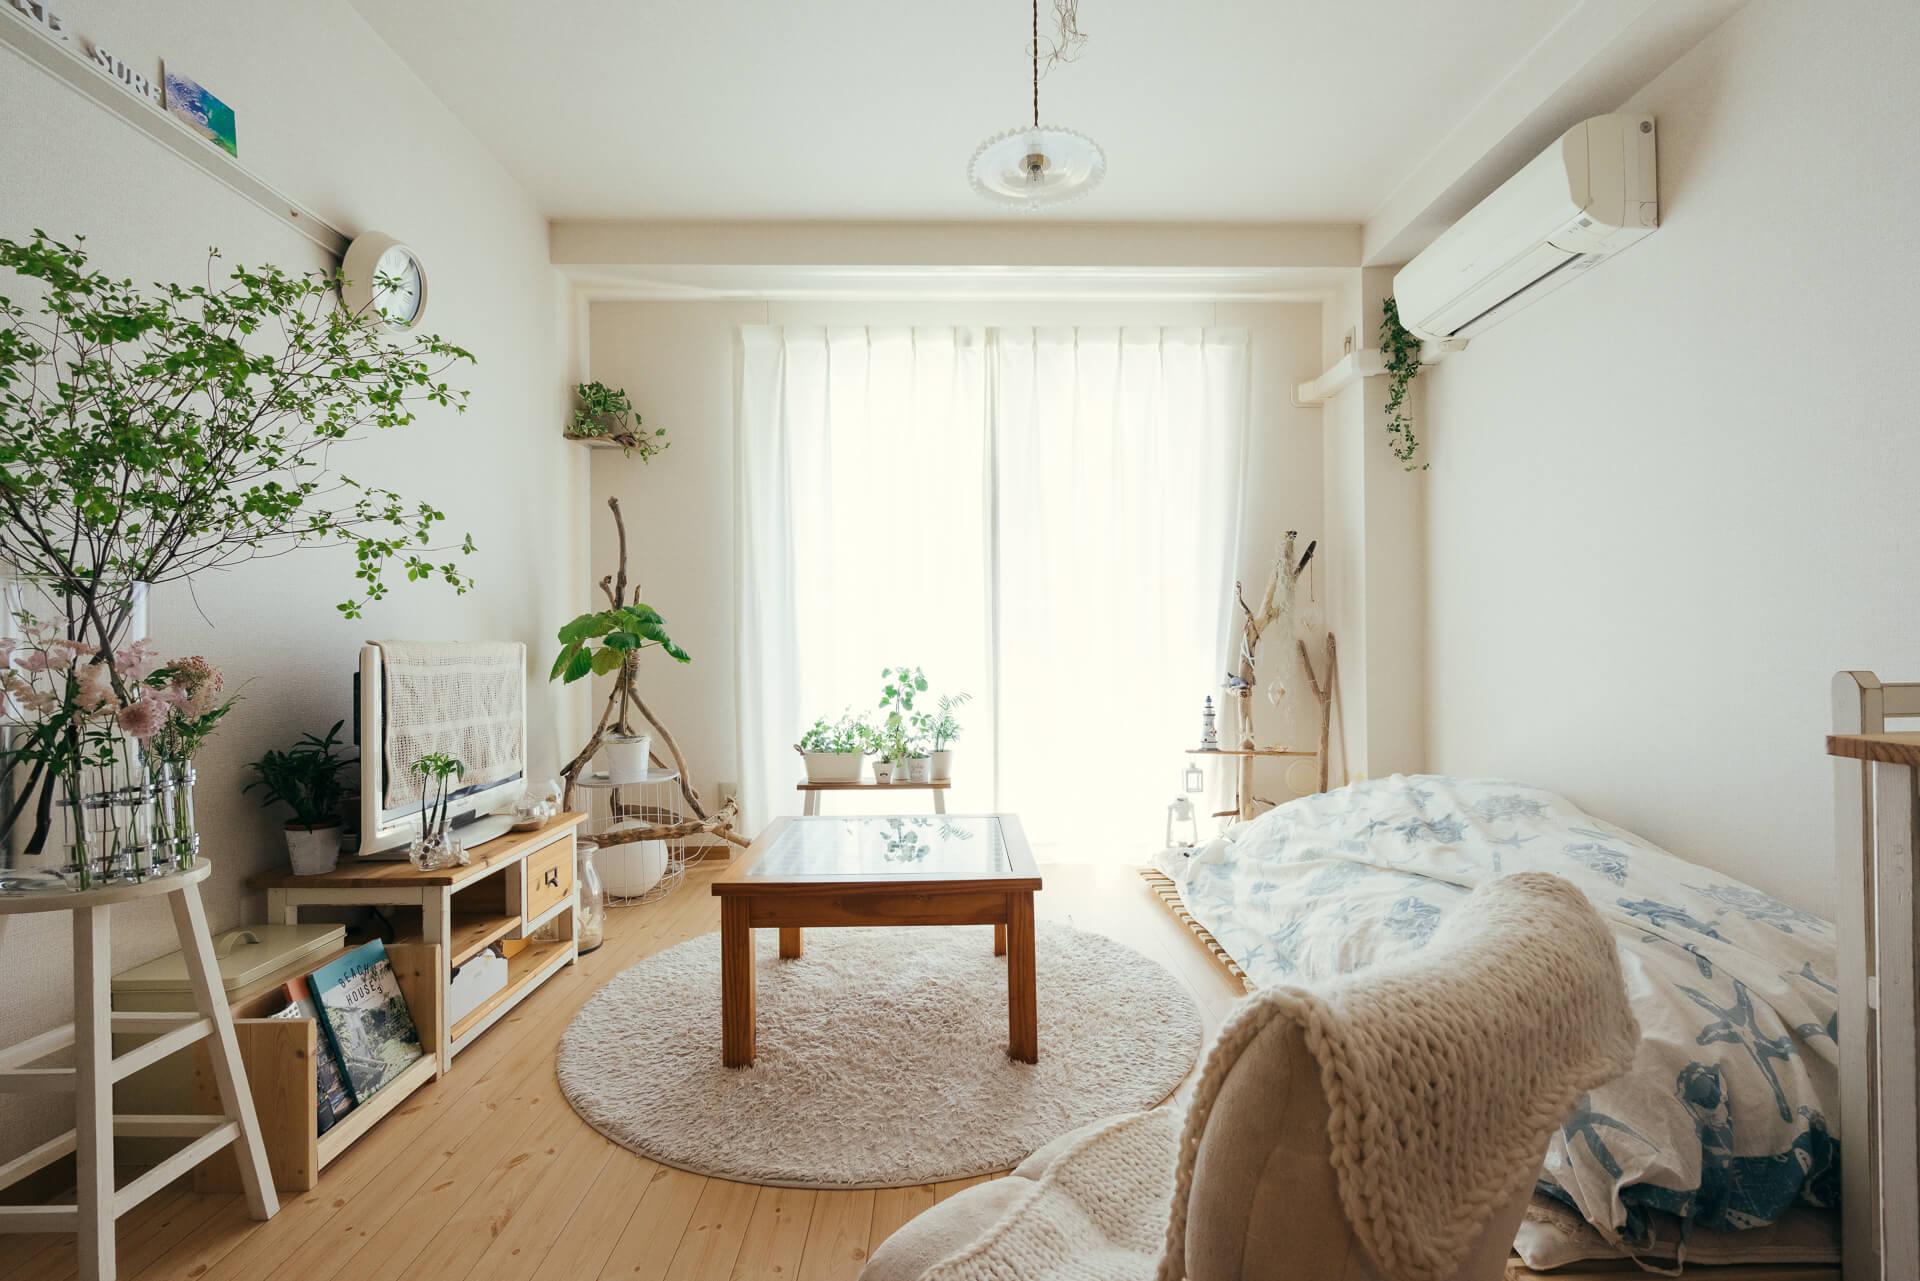 こちらもグリーンの配置にこだわったワンルームタイプのお部屋。